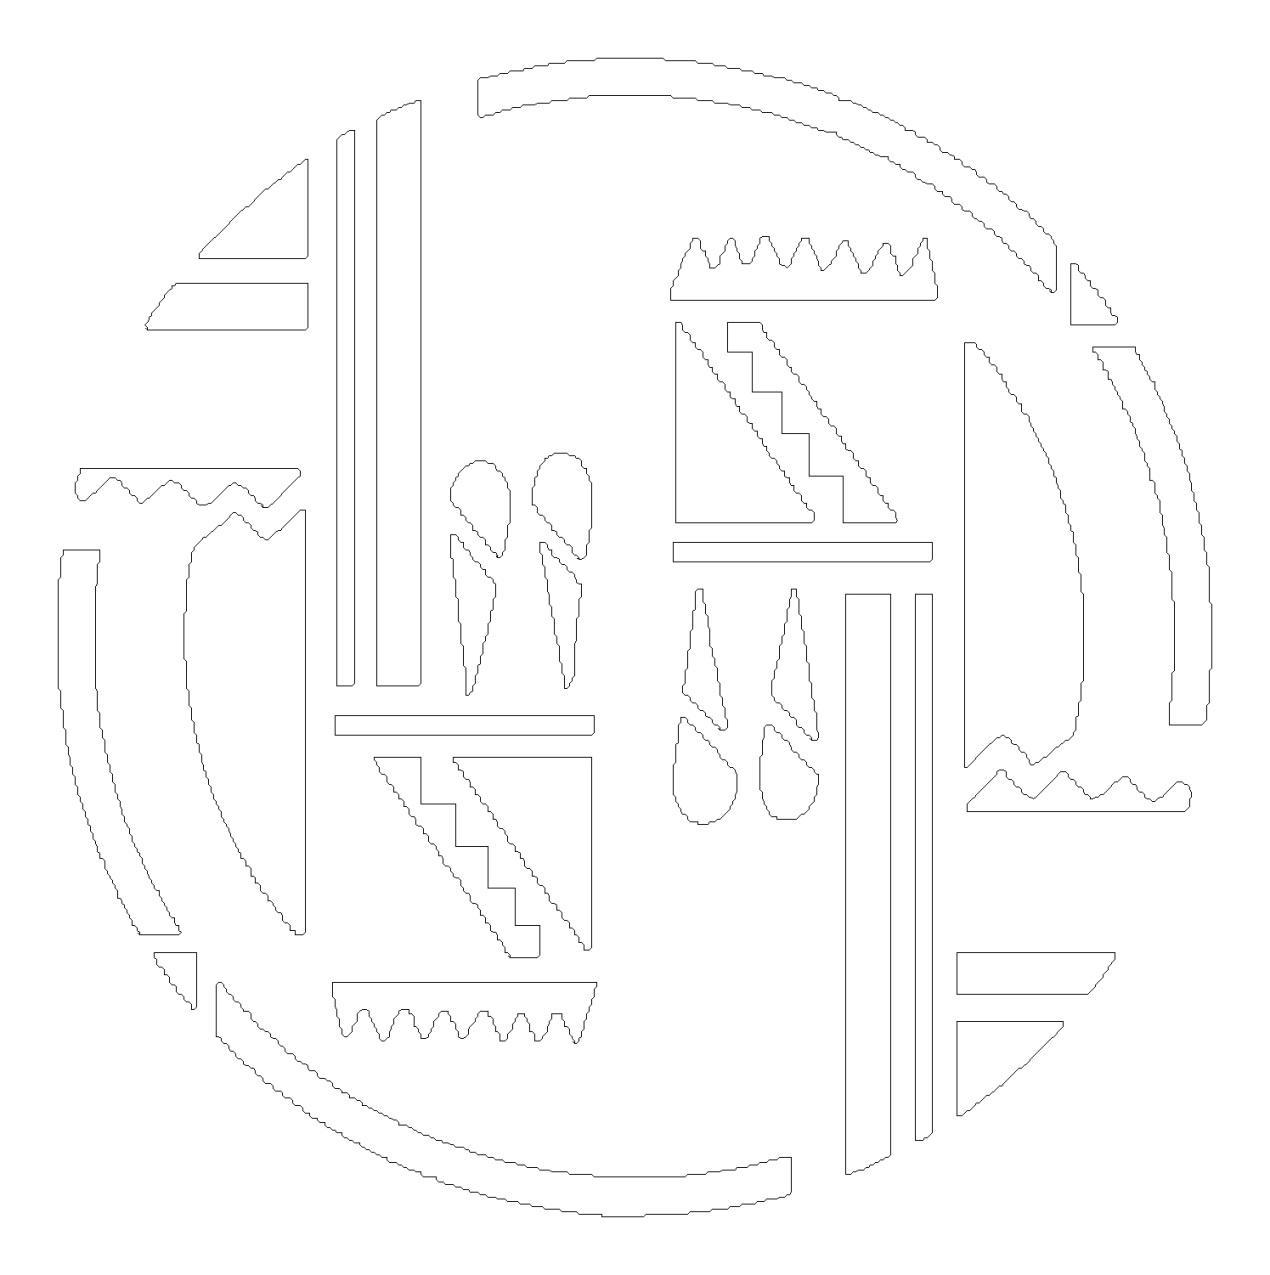 https://gn-api-res.s3.amazonaws.com/813e427439d2fdcf013aceec93cc6201bdb5ed9f47e7372db432d09a51f2c09a/raster2vector.jpg